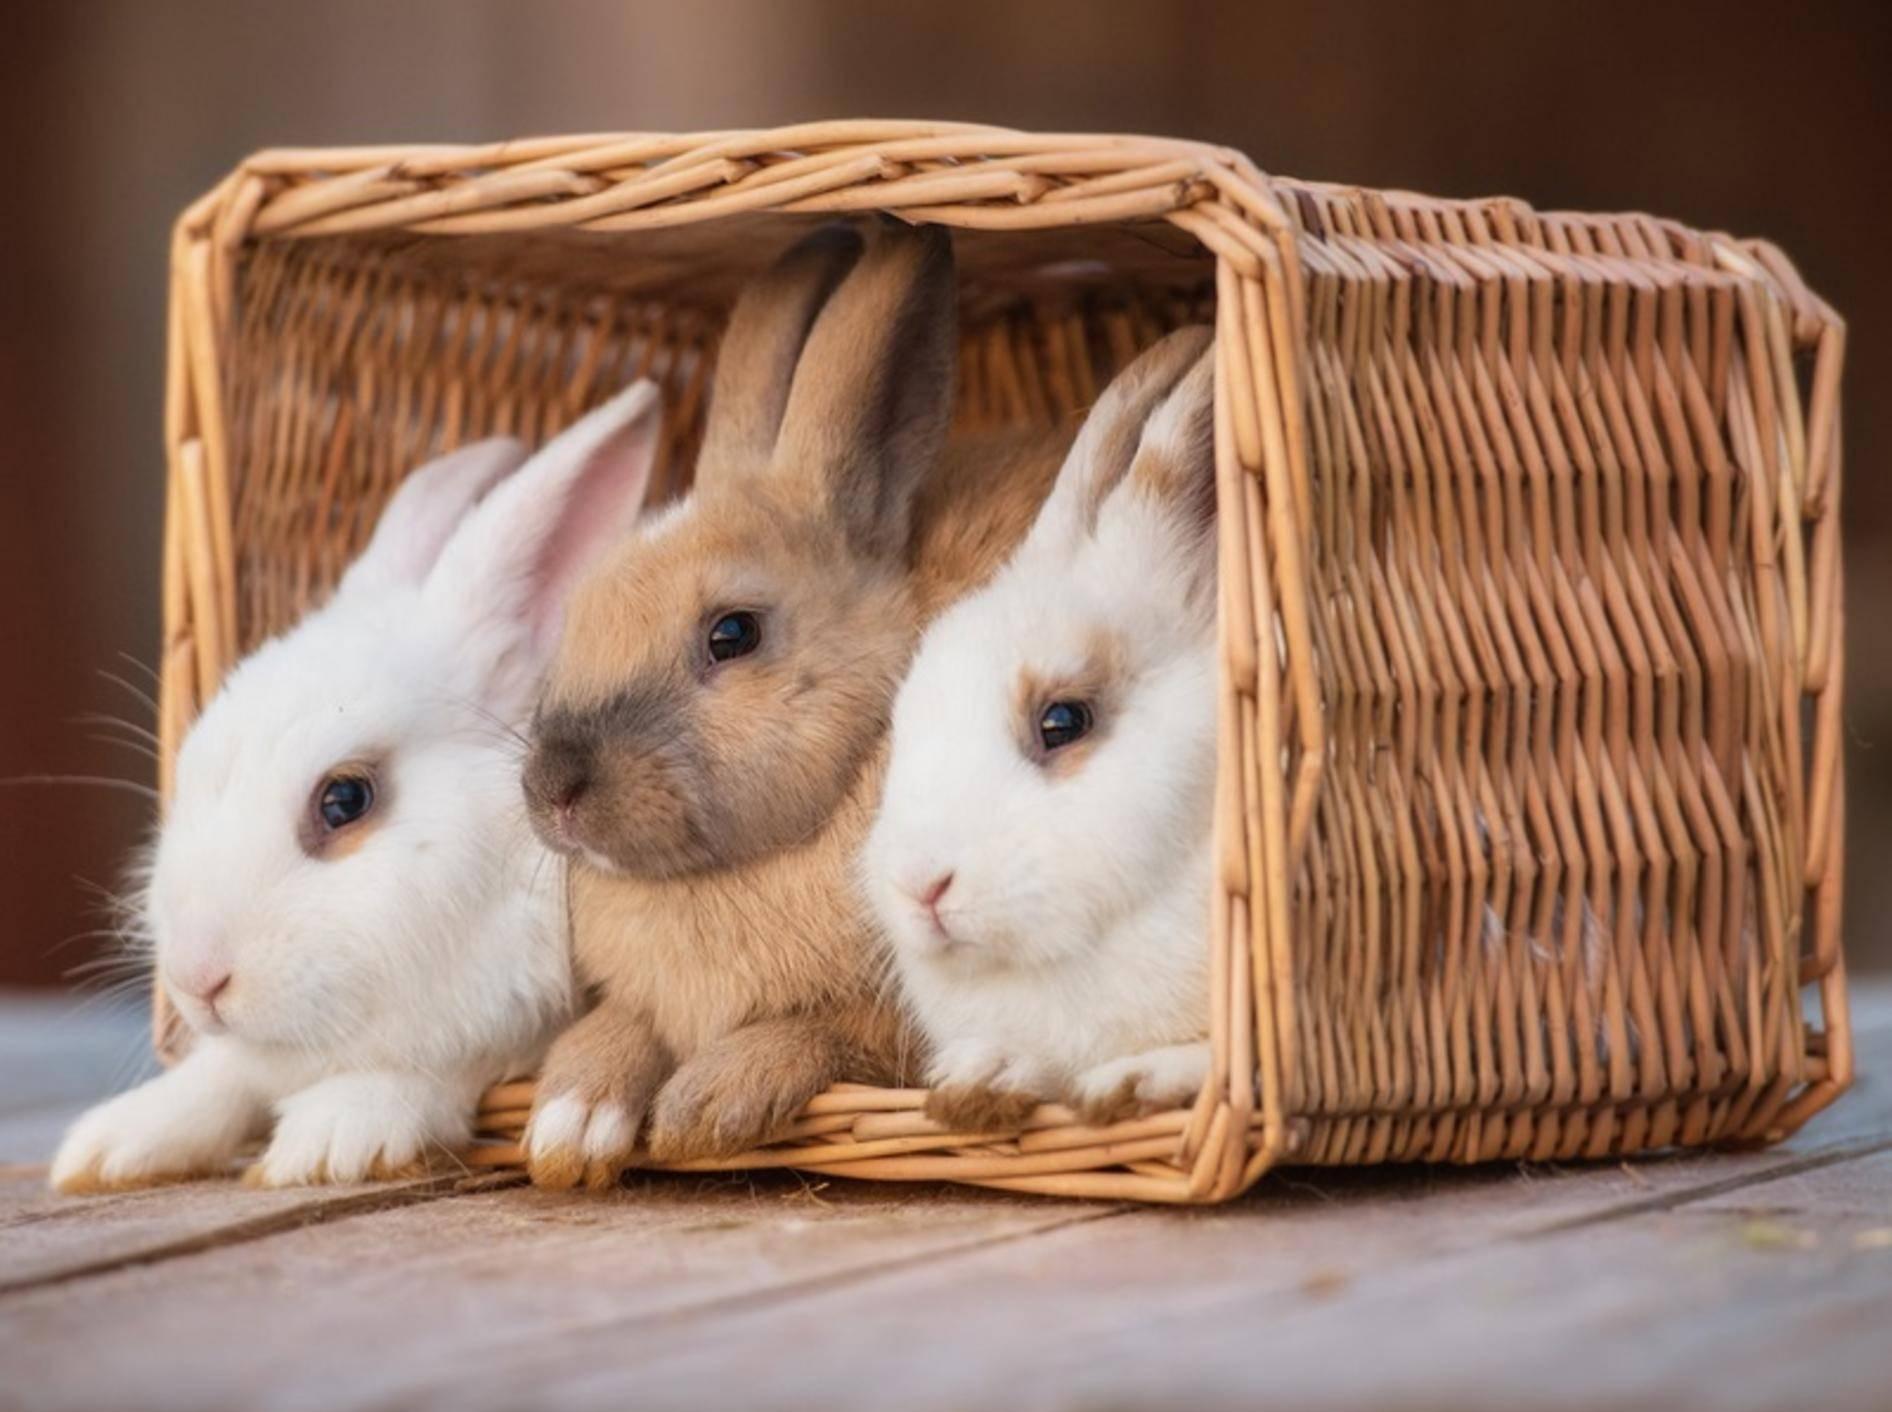 Die geselligen Kaninchen leben am liebsten in einer Gruppe – Shutterstock / Rita Kochmarjova